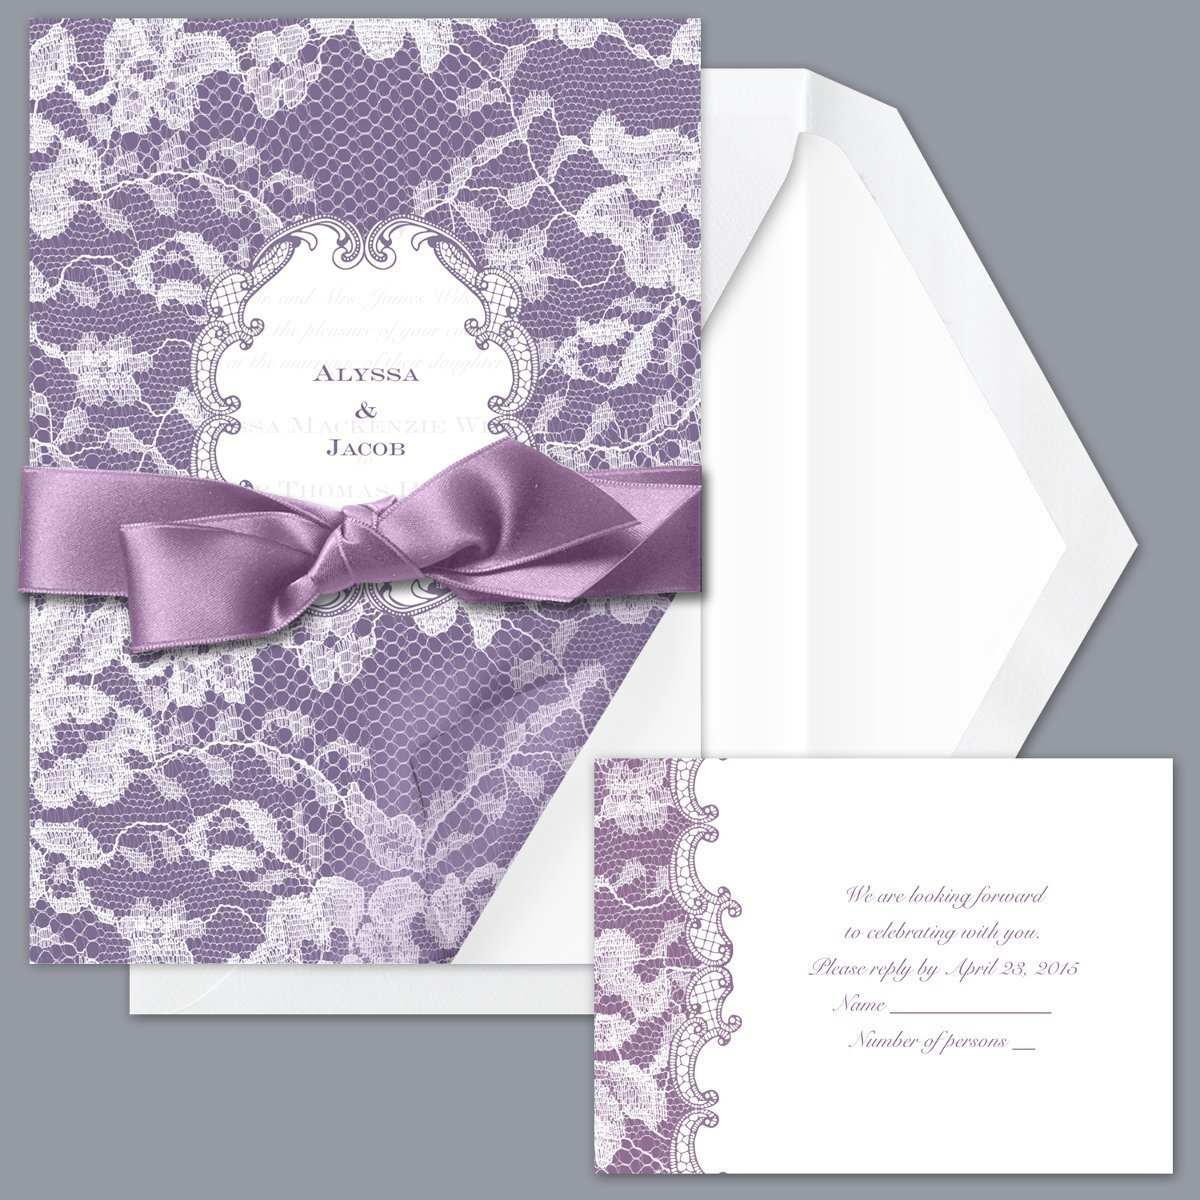 Décoration Mauve Et Gris mariage violet argent, parme, mauve et gris planche d